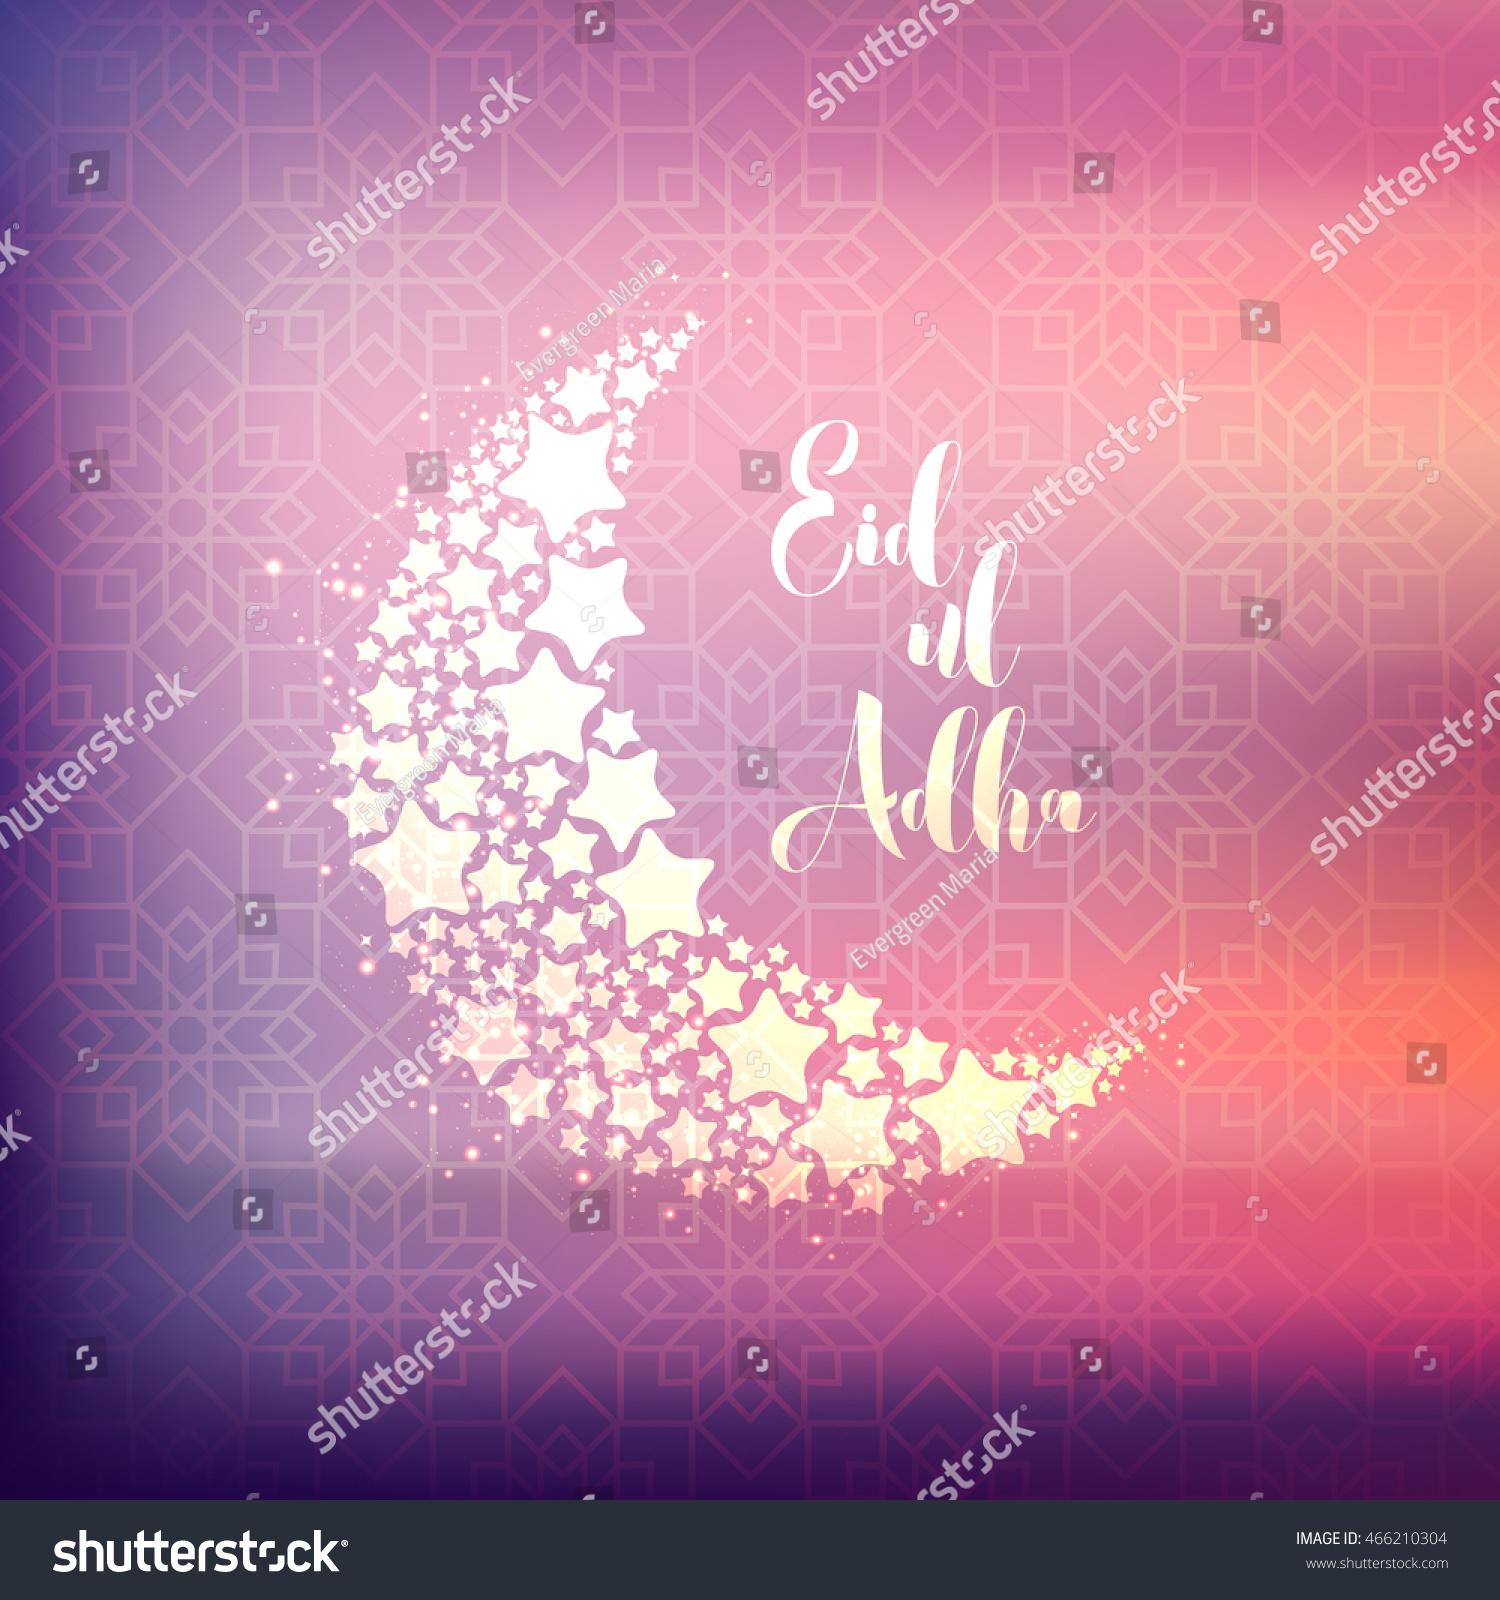 Muslim community festival eid ul adha stock vector 466210304 muslim community festival eid ul adha beautiful greeting card eid ul adha eid al m4hsunfo Gallery